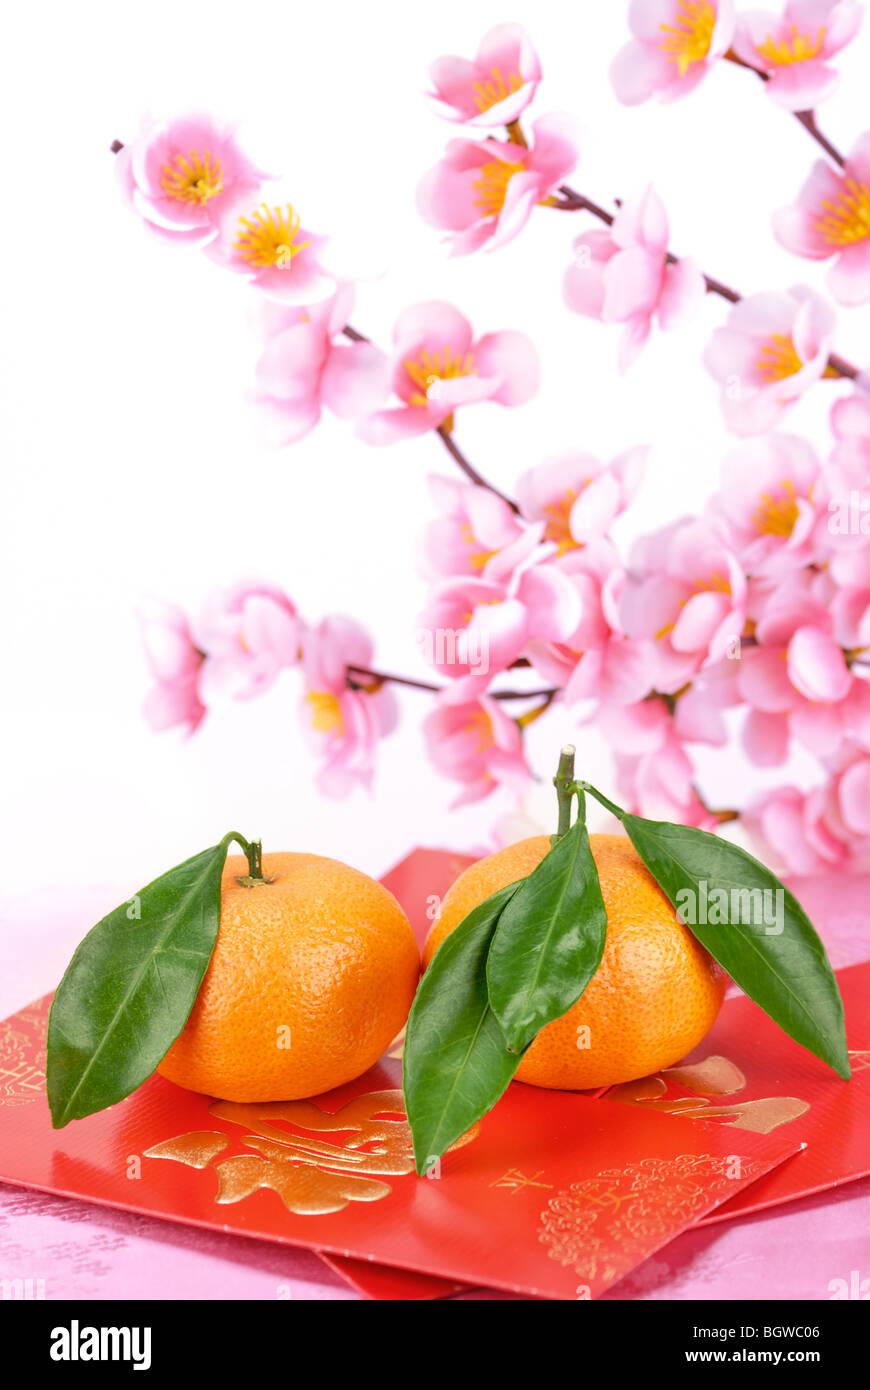 Nuovo anno lunare cinese ornamenti su sfondo bianco. Immagini Stock